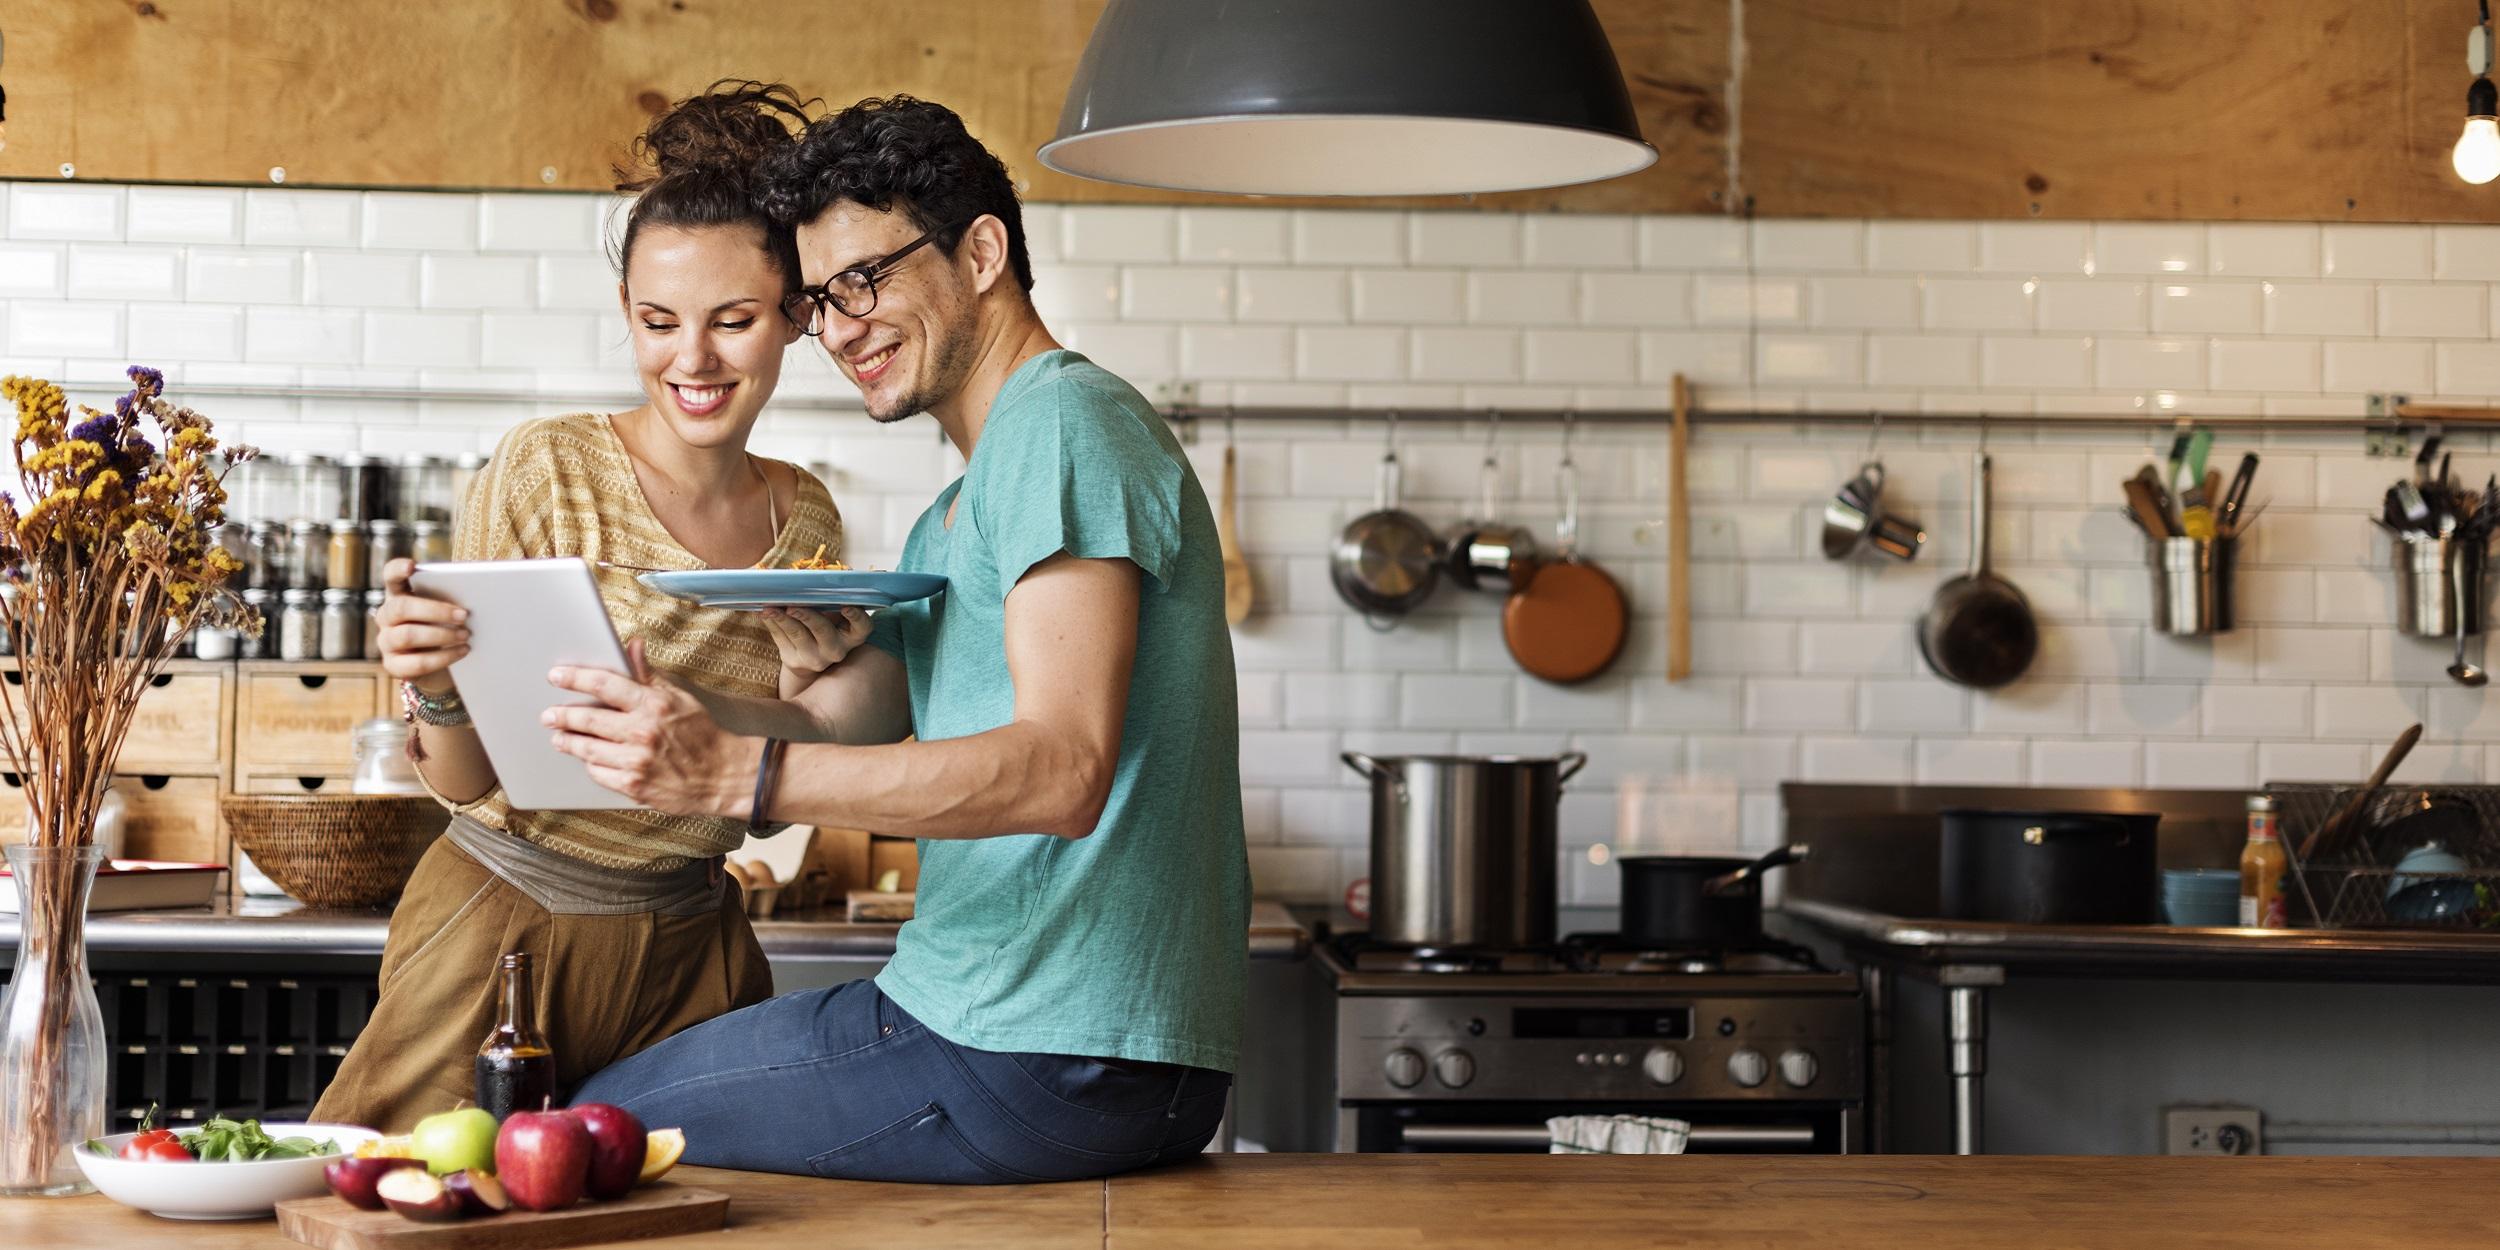 Самые интересные и полезные мелочи для вашей кухни ...